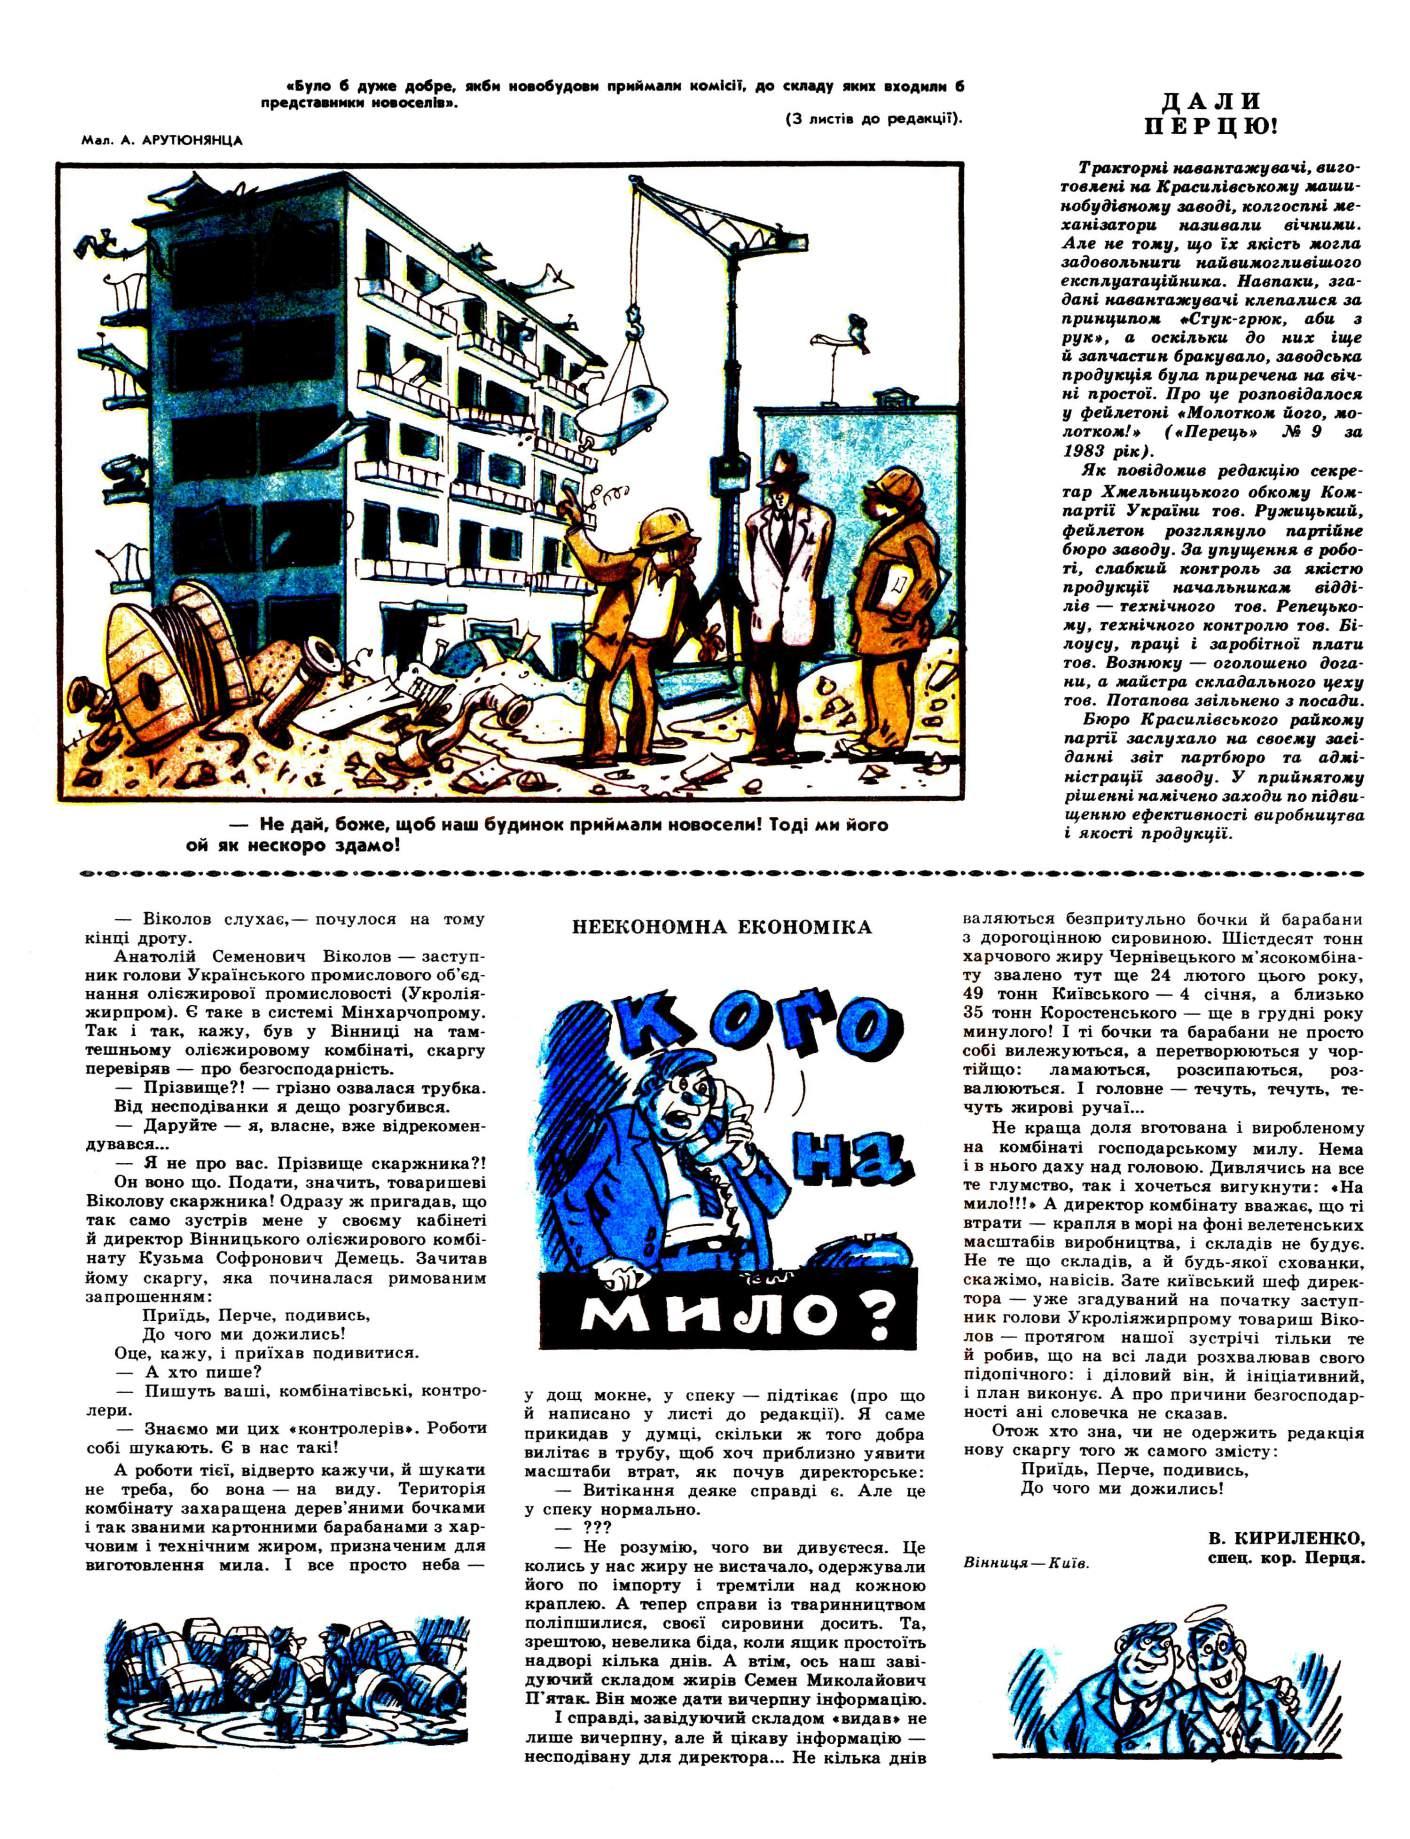 Журнал перець 1983 №17